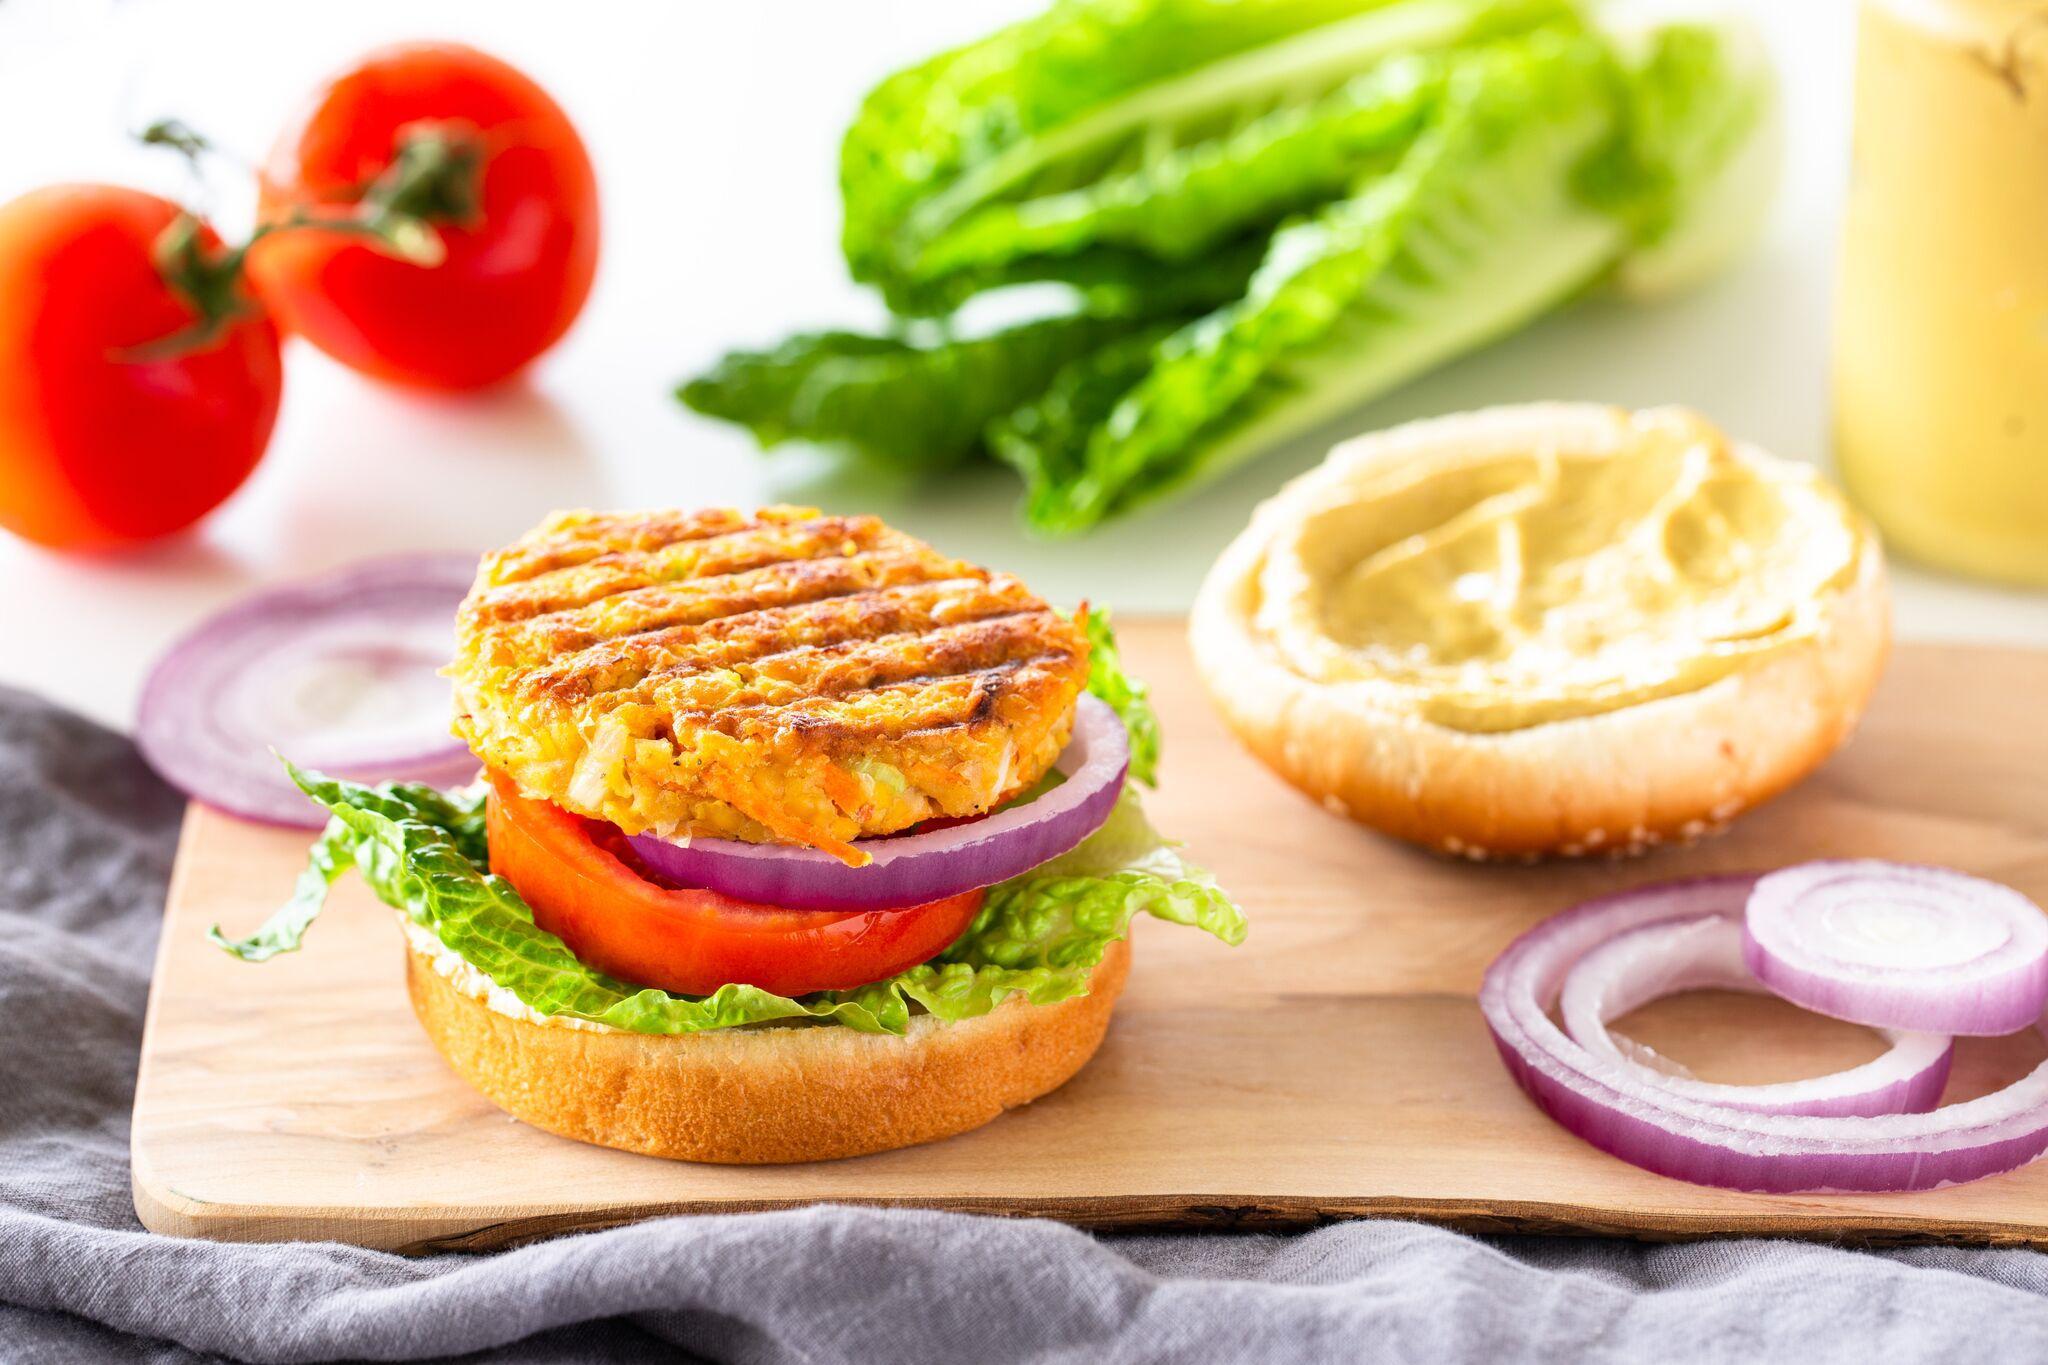 Vegan Chickpea Veggie Burger Recipe